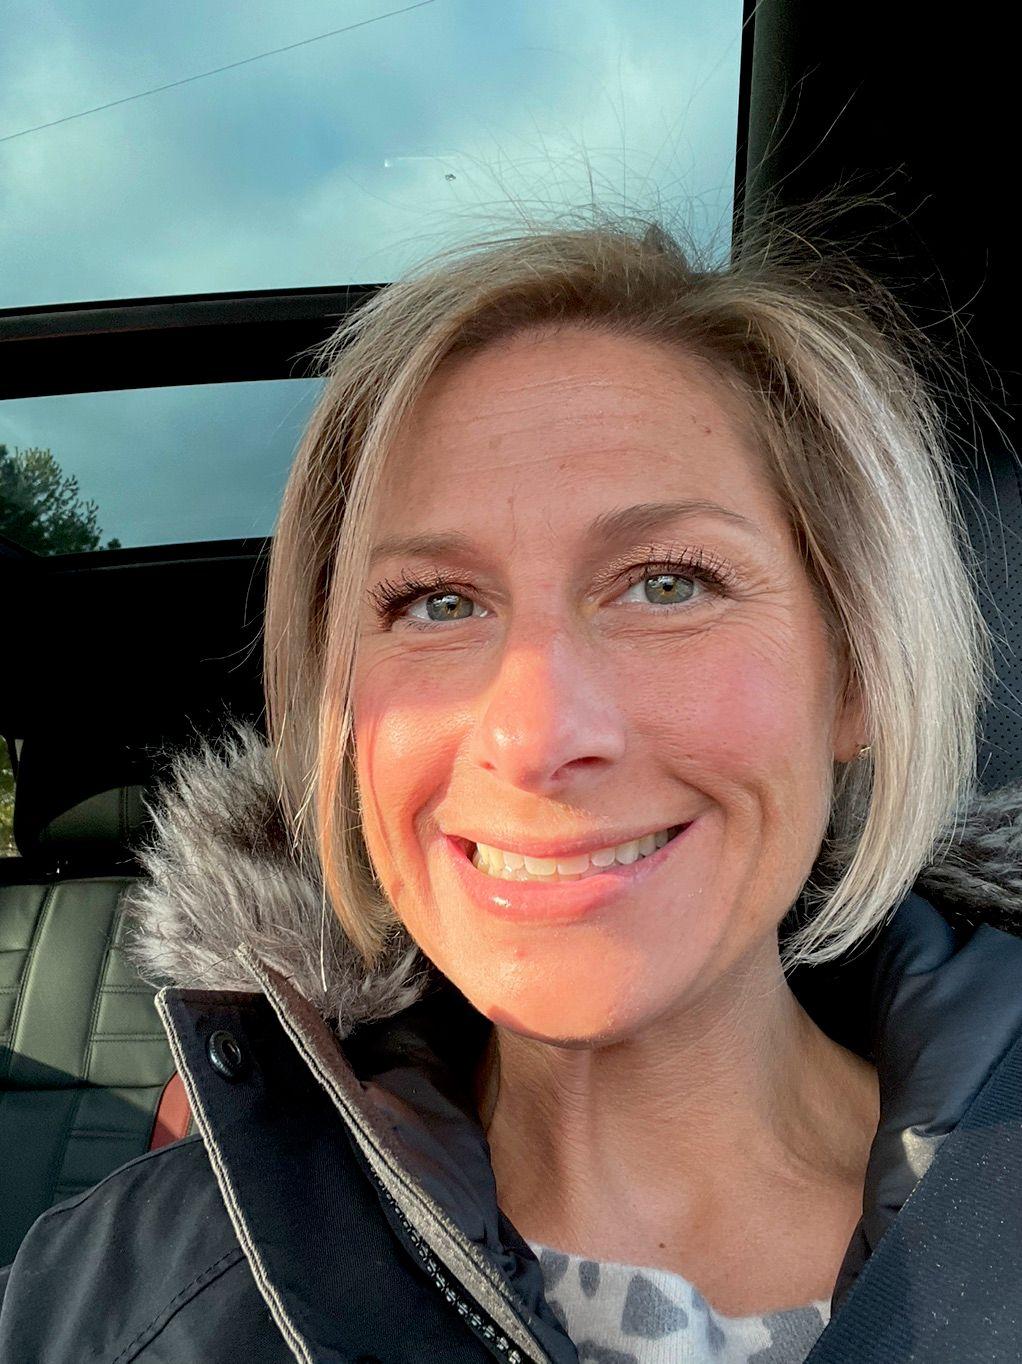 Lisa Rengel's Premier Housekeeping